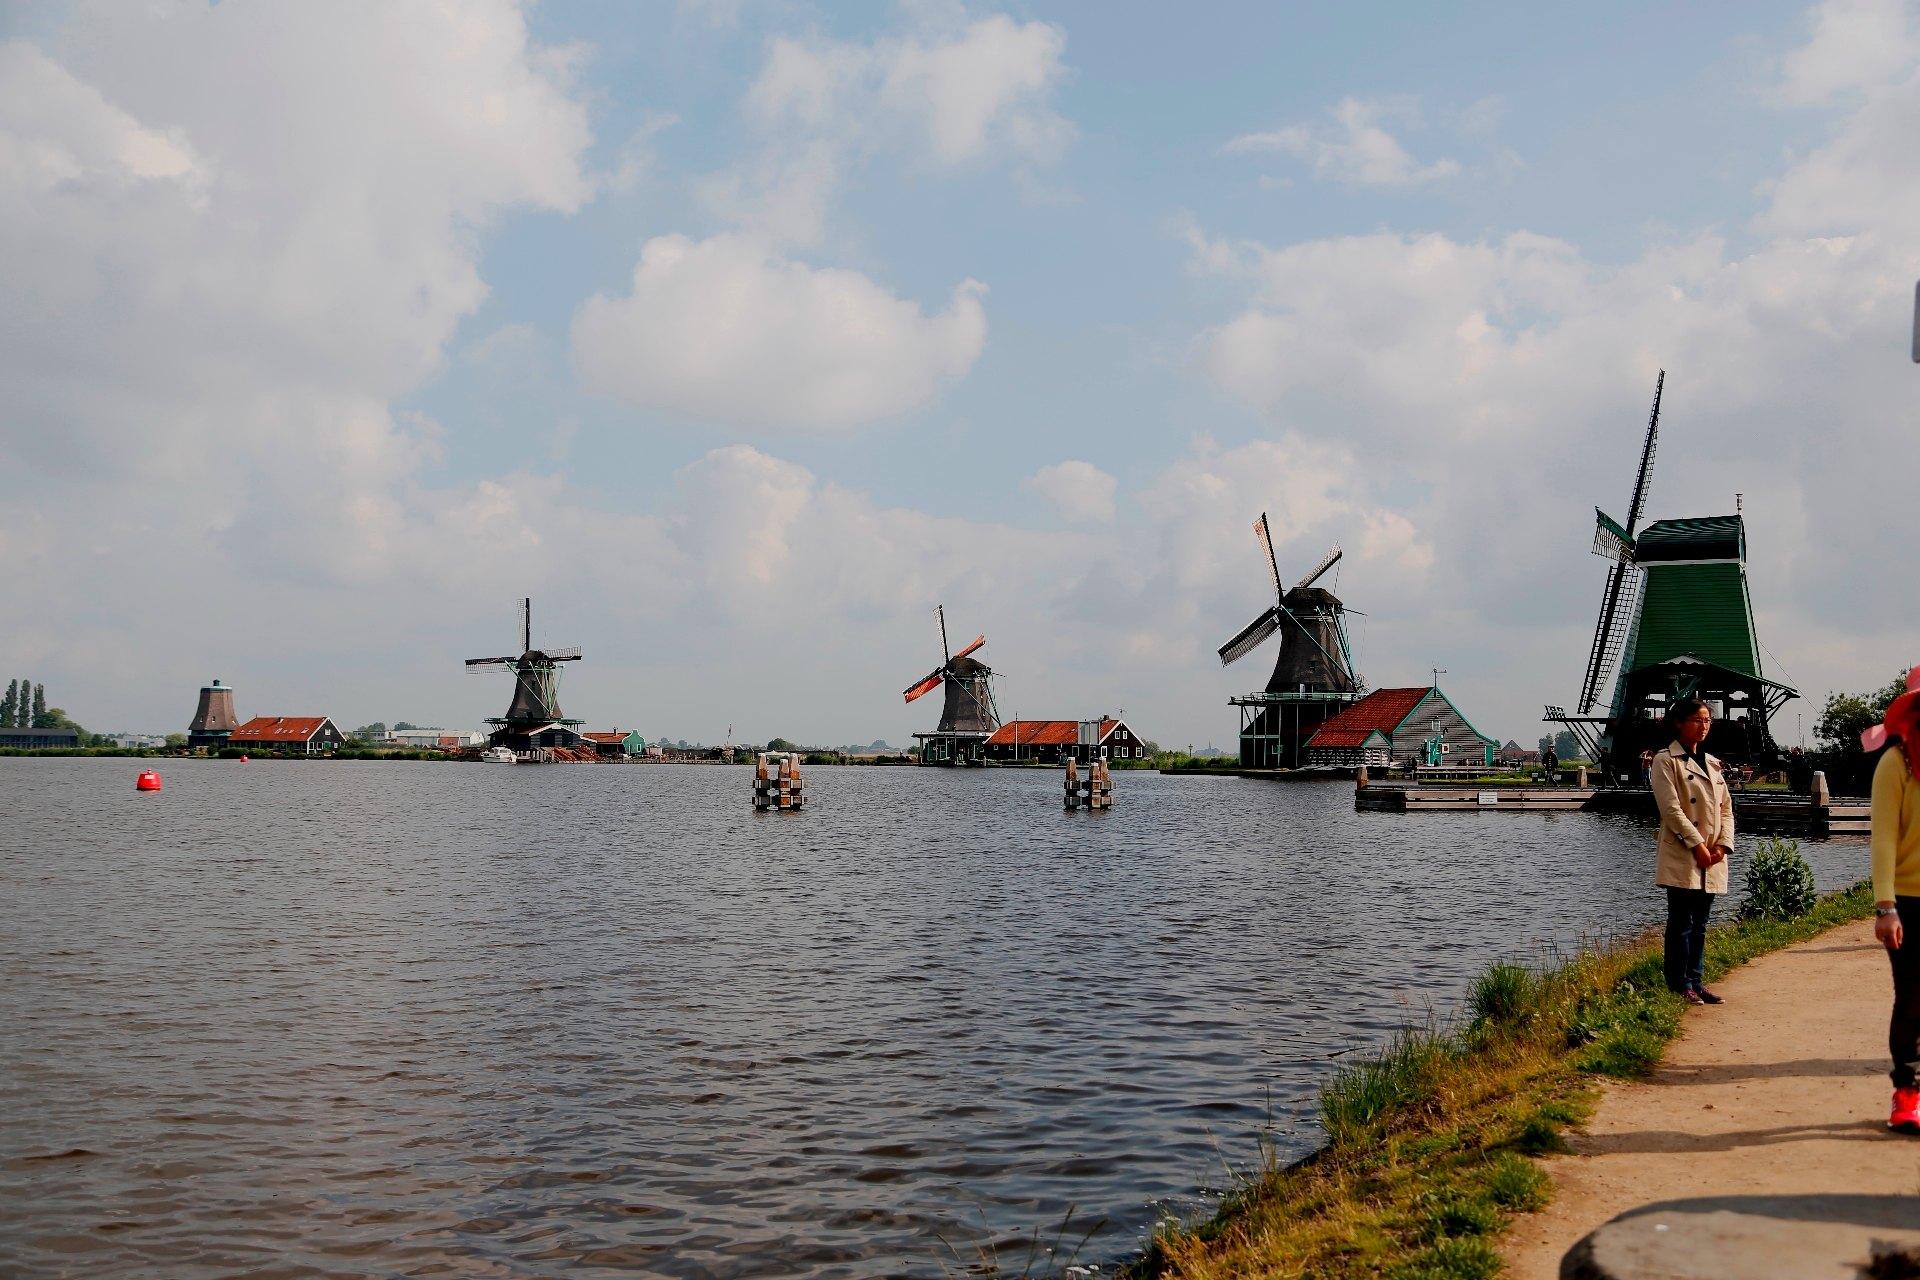 桑斯安斯风车村是有居民居住、开放式的保留区和博物馆,位于阿姆斯特丹北方15公里。古老的建筑生动描绘了17、18世纪的荷兰生活。真实的房子,古老的造船厂,制作木鞋的表演,还有风车,每年吸引着成千上万的游客。桑河(Zaan)区也许是世界上第一个工业区。250年前,在这片狭小的土地上,矗立着800多座风车。它们承担着各种工业任务。目前仍然有5座风车还在以着传统方式运作。在桑河上泛舟游览,能够从另一个角度欣赏这些美丽的风车。风车村内的博物馆包括木鞋制造厂、白蜡制造厂、面包房、奶酪和乳制品作坊以及100多年的杂货店